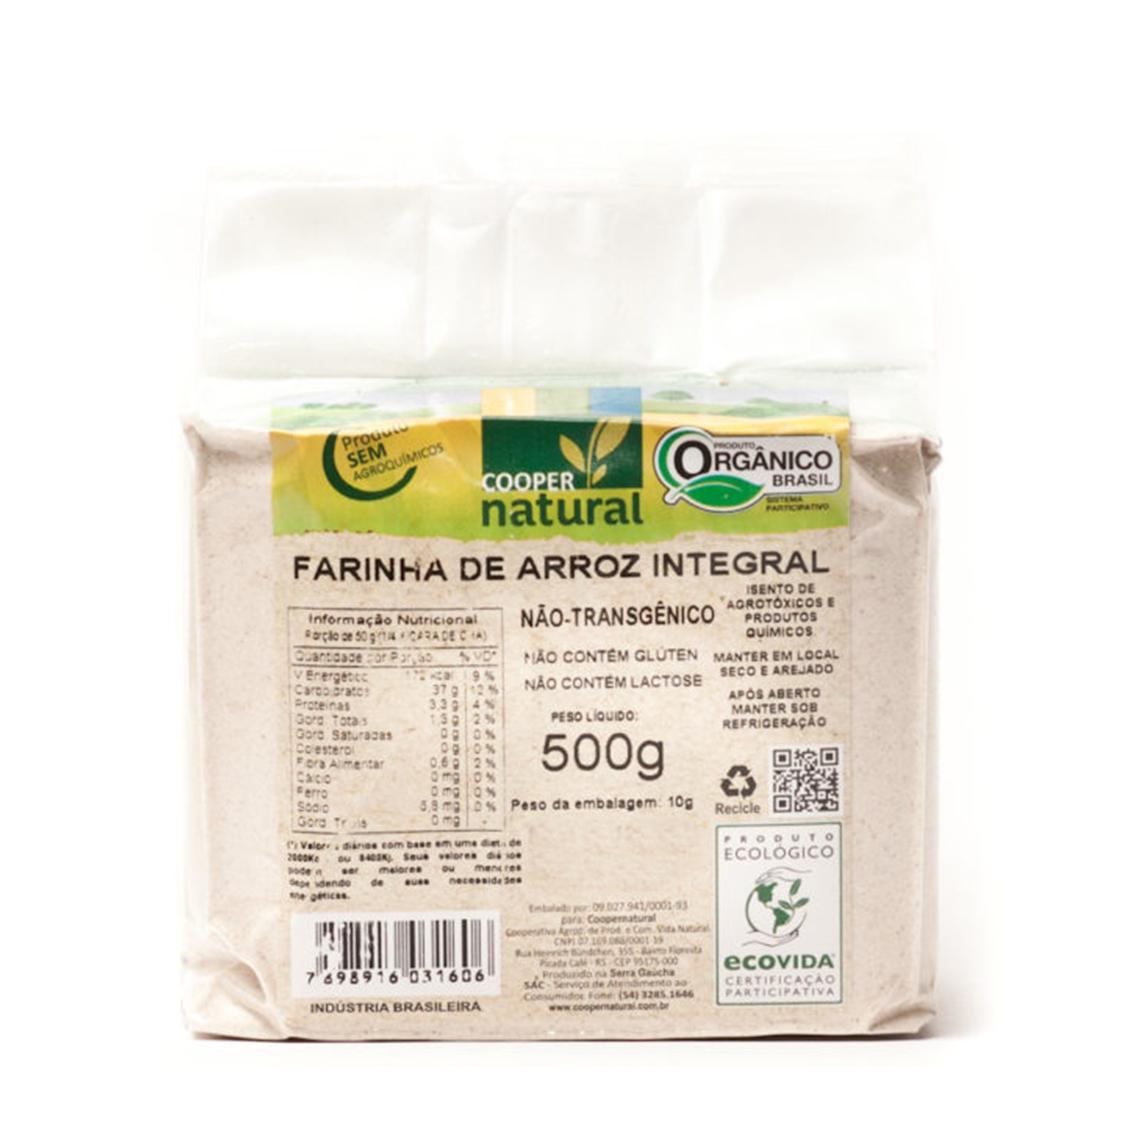 Farinha de Arroz Integral (500g) – Coopernatural